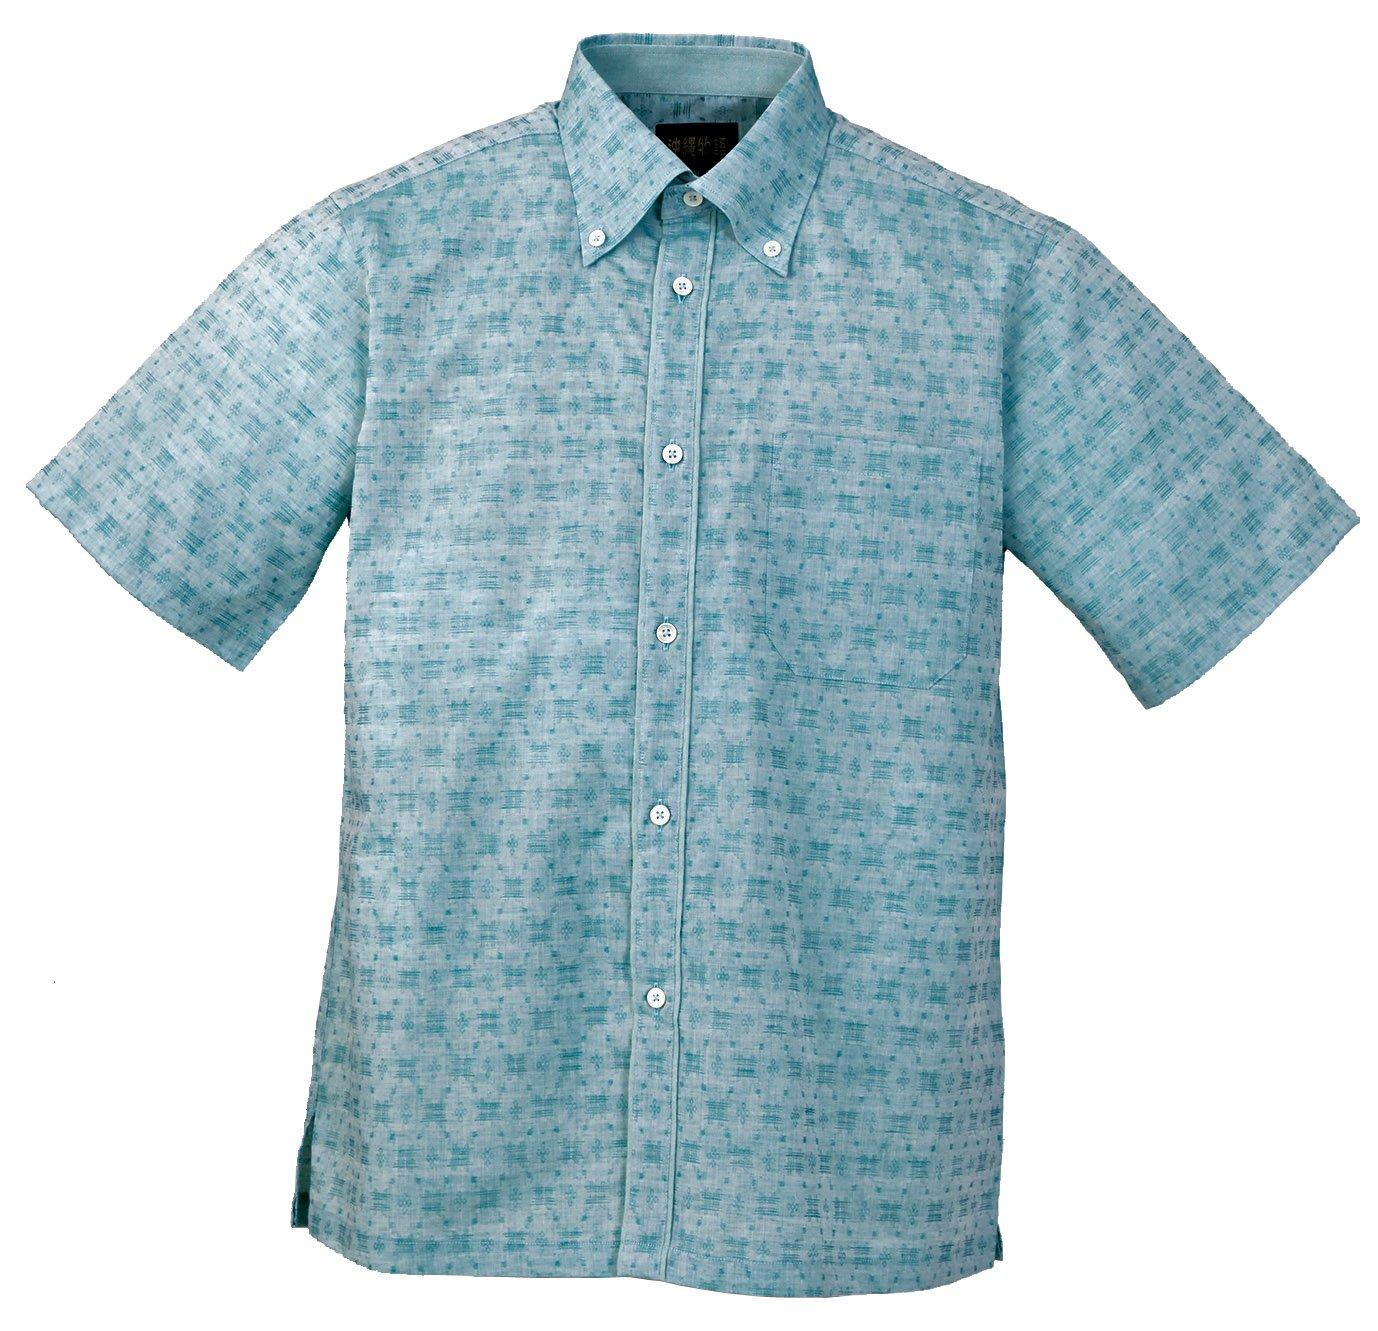 [沖縄物語] メンズかりゆしウェア(沖縄アロハシャツ)織柄ボタンダウン B07CZZLMDV LL|ブルー ブルー LL